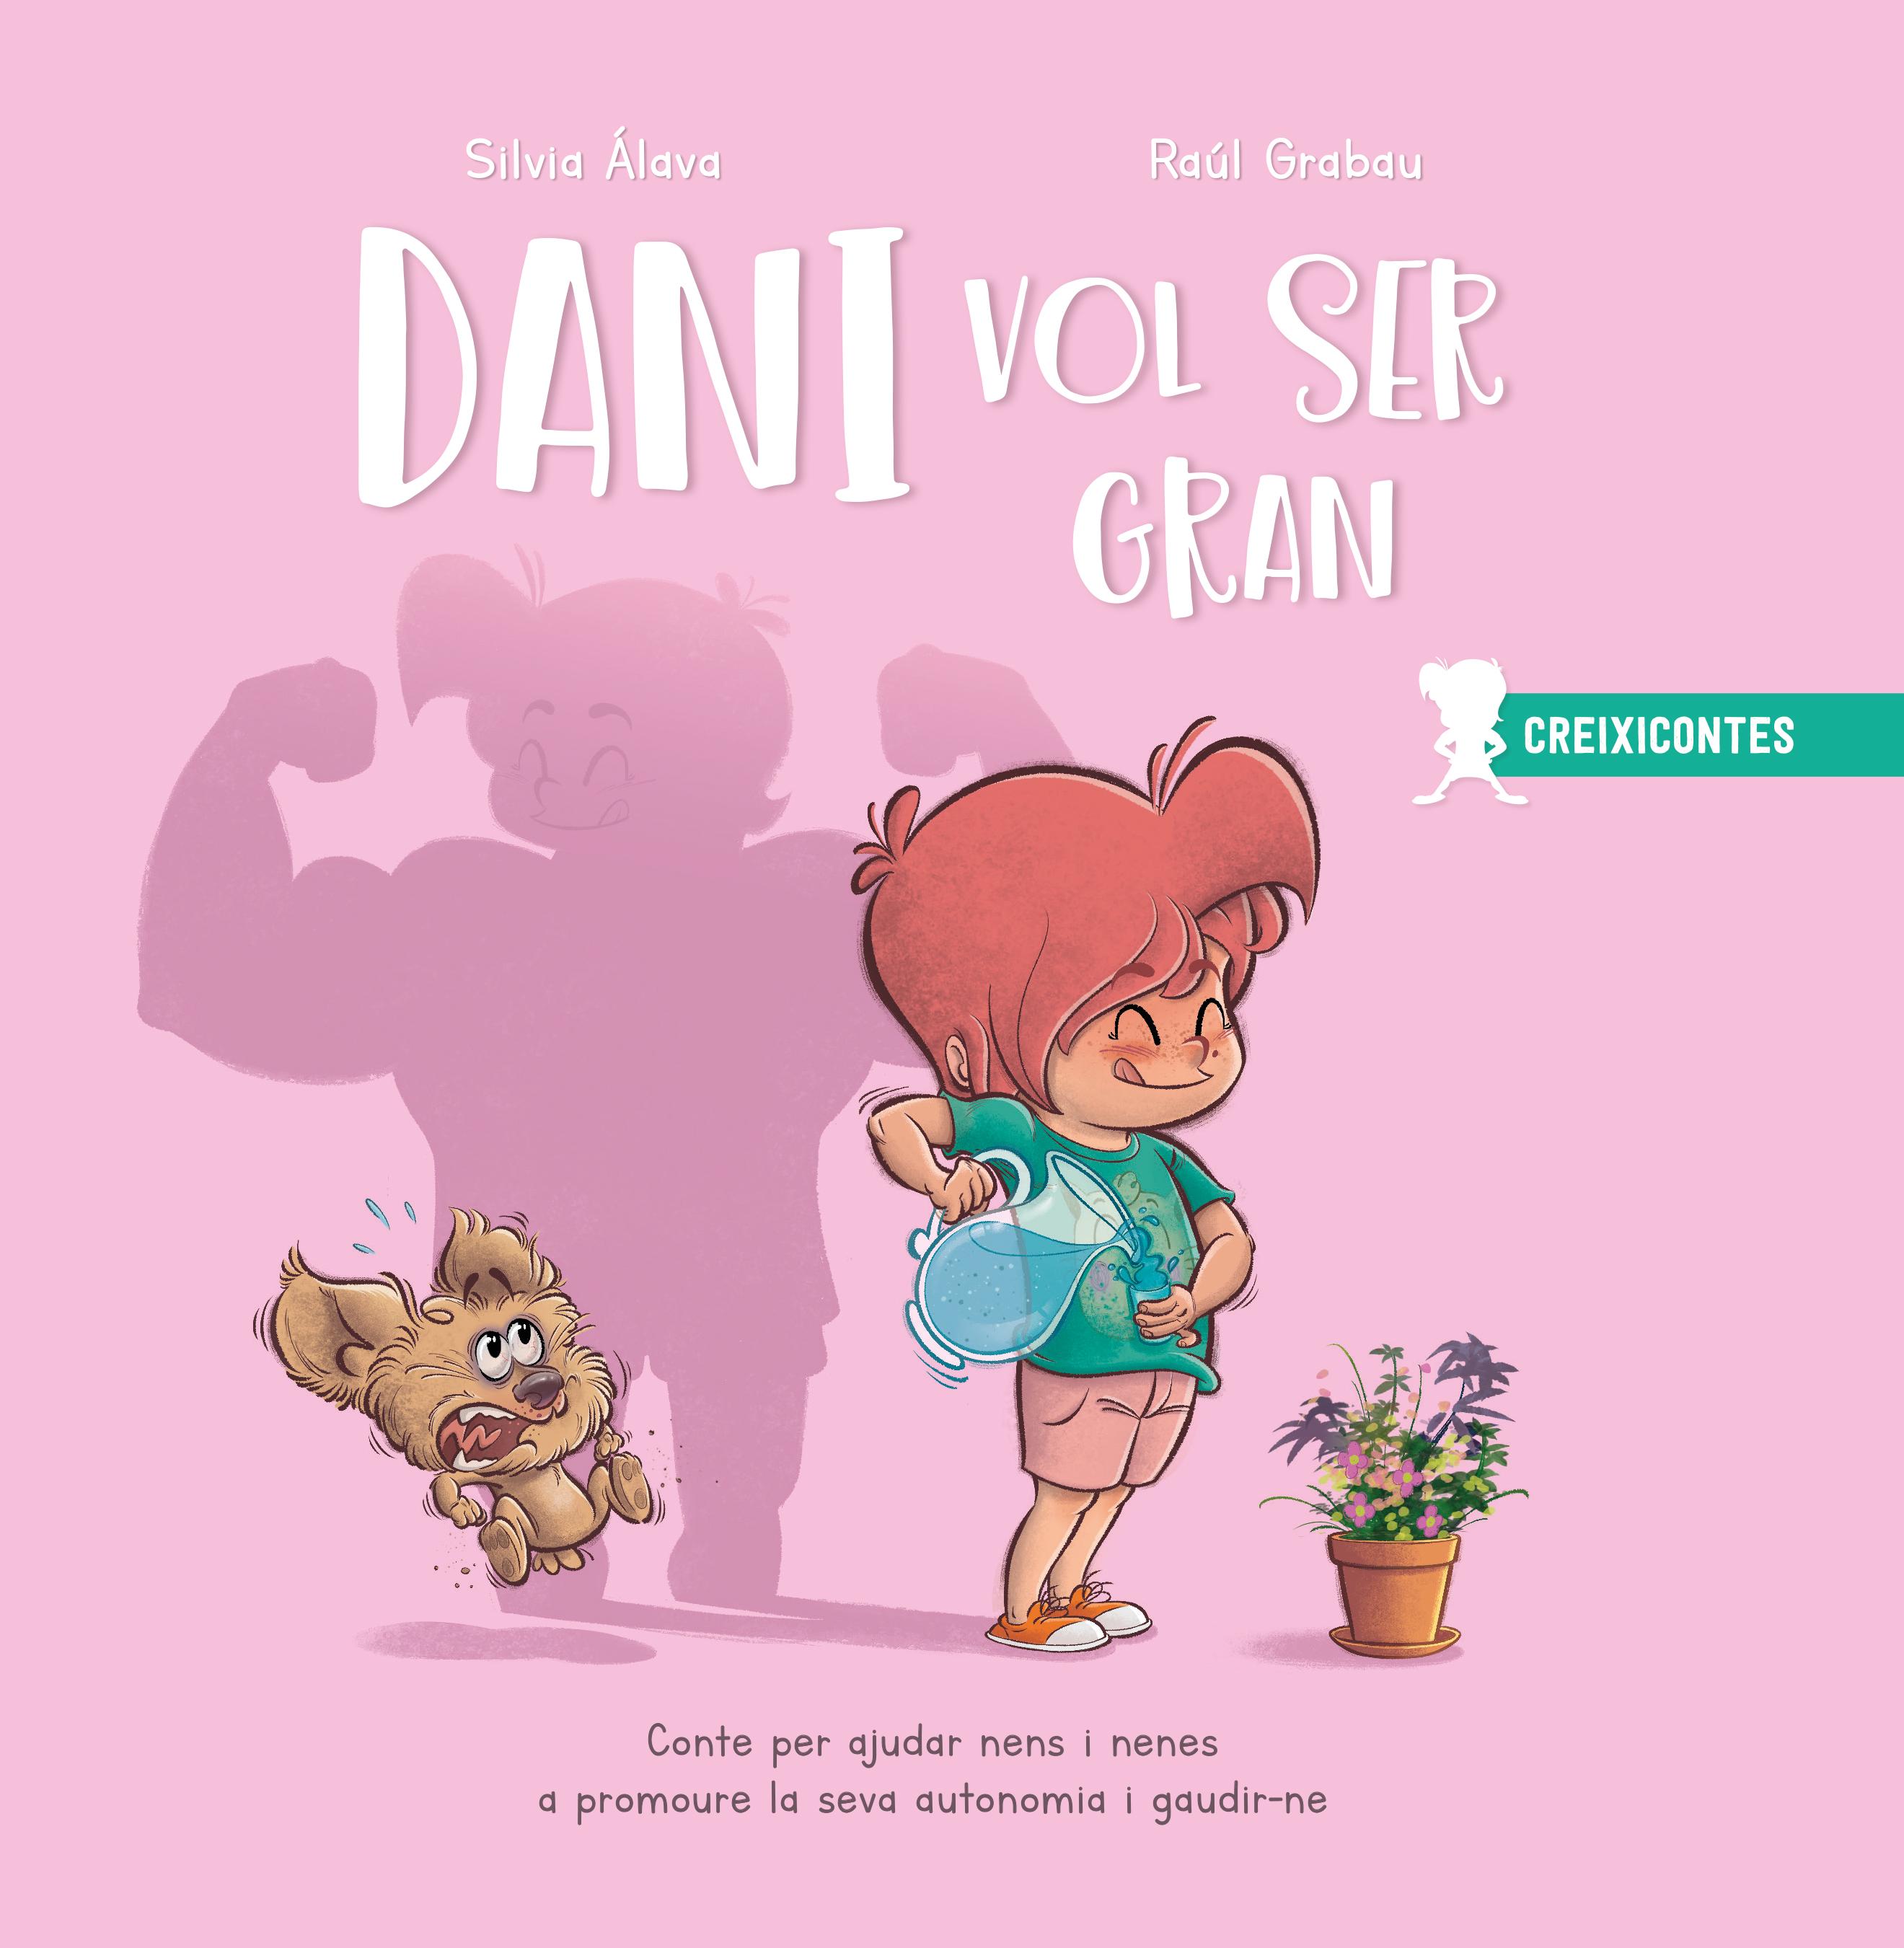 Dani vol ser gran   «Conte per ajudar nens i nenes a promoure la seva autonomia i gaudir-ne»